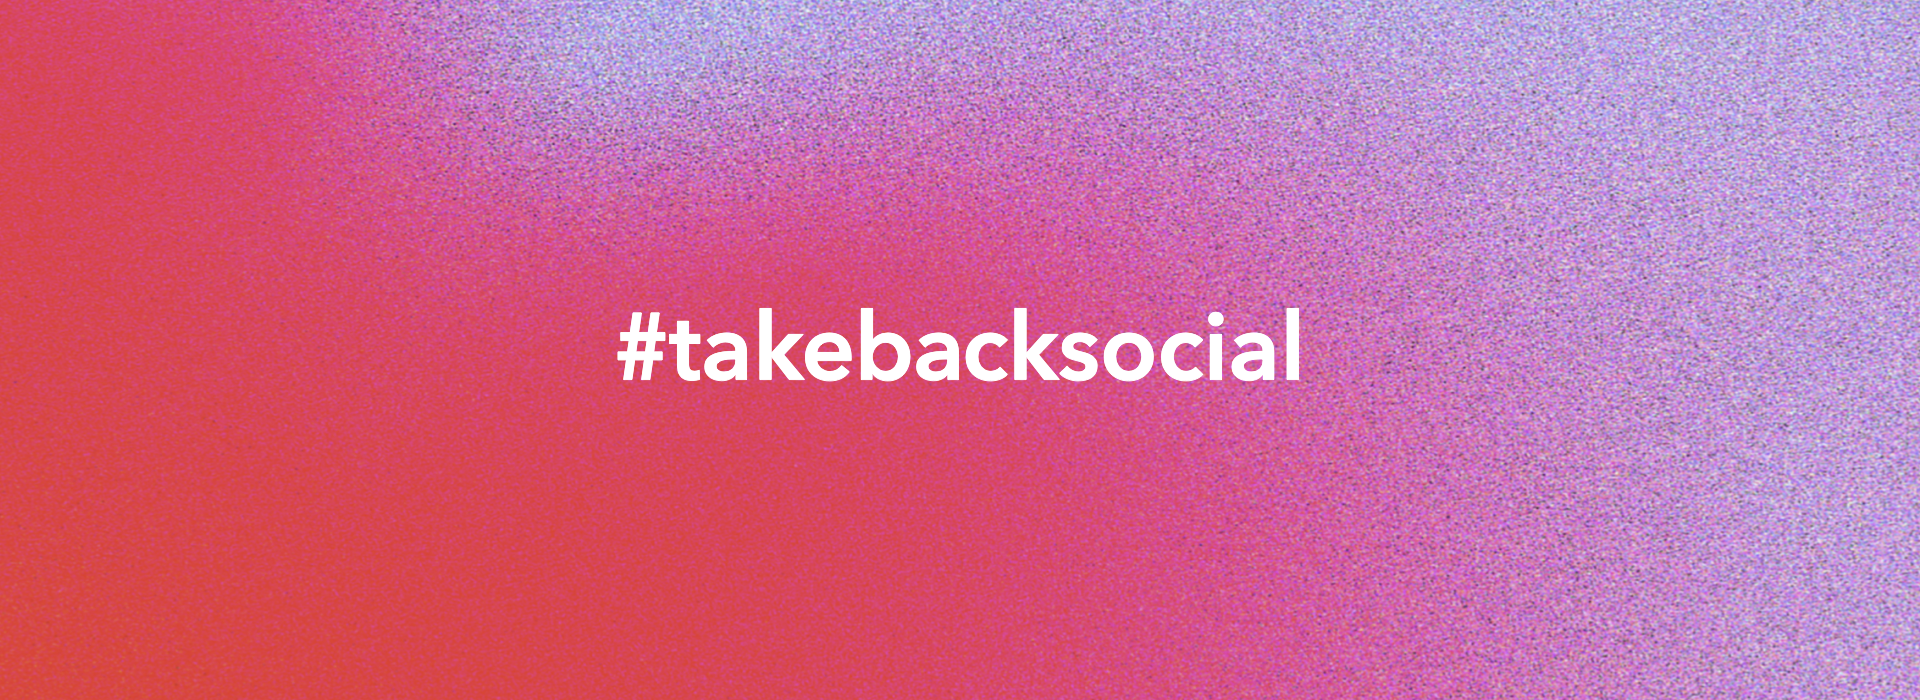 takebacksocial